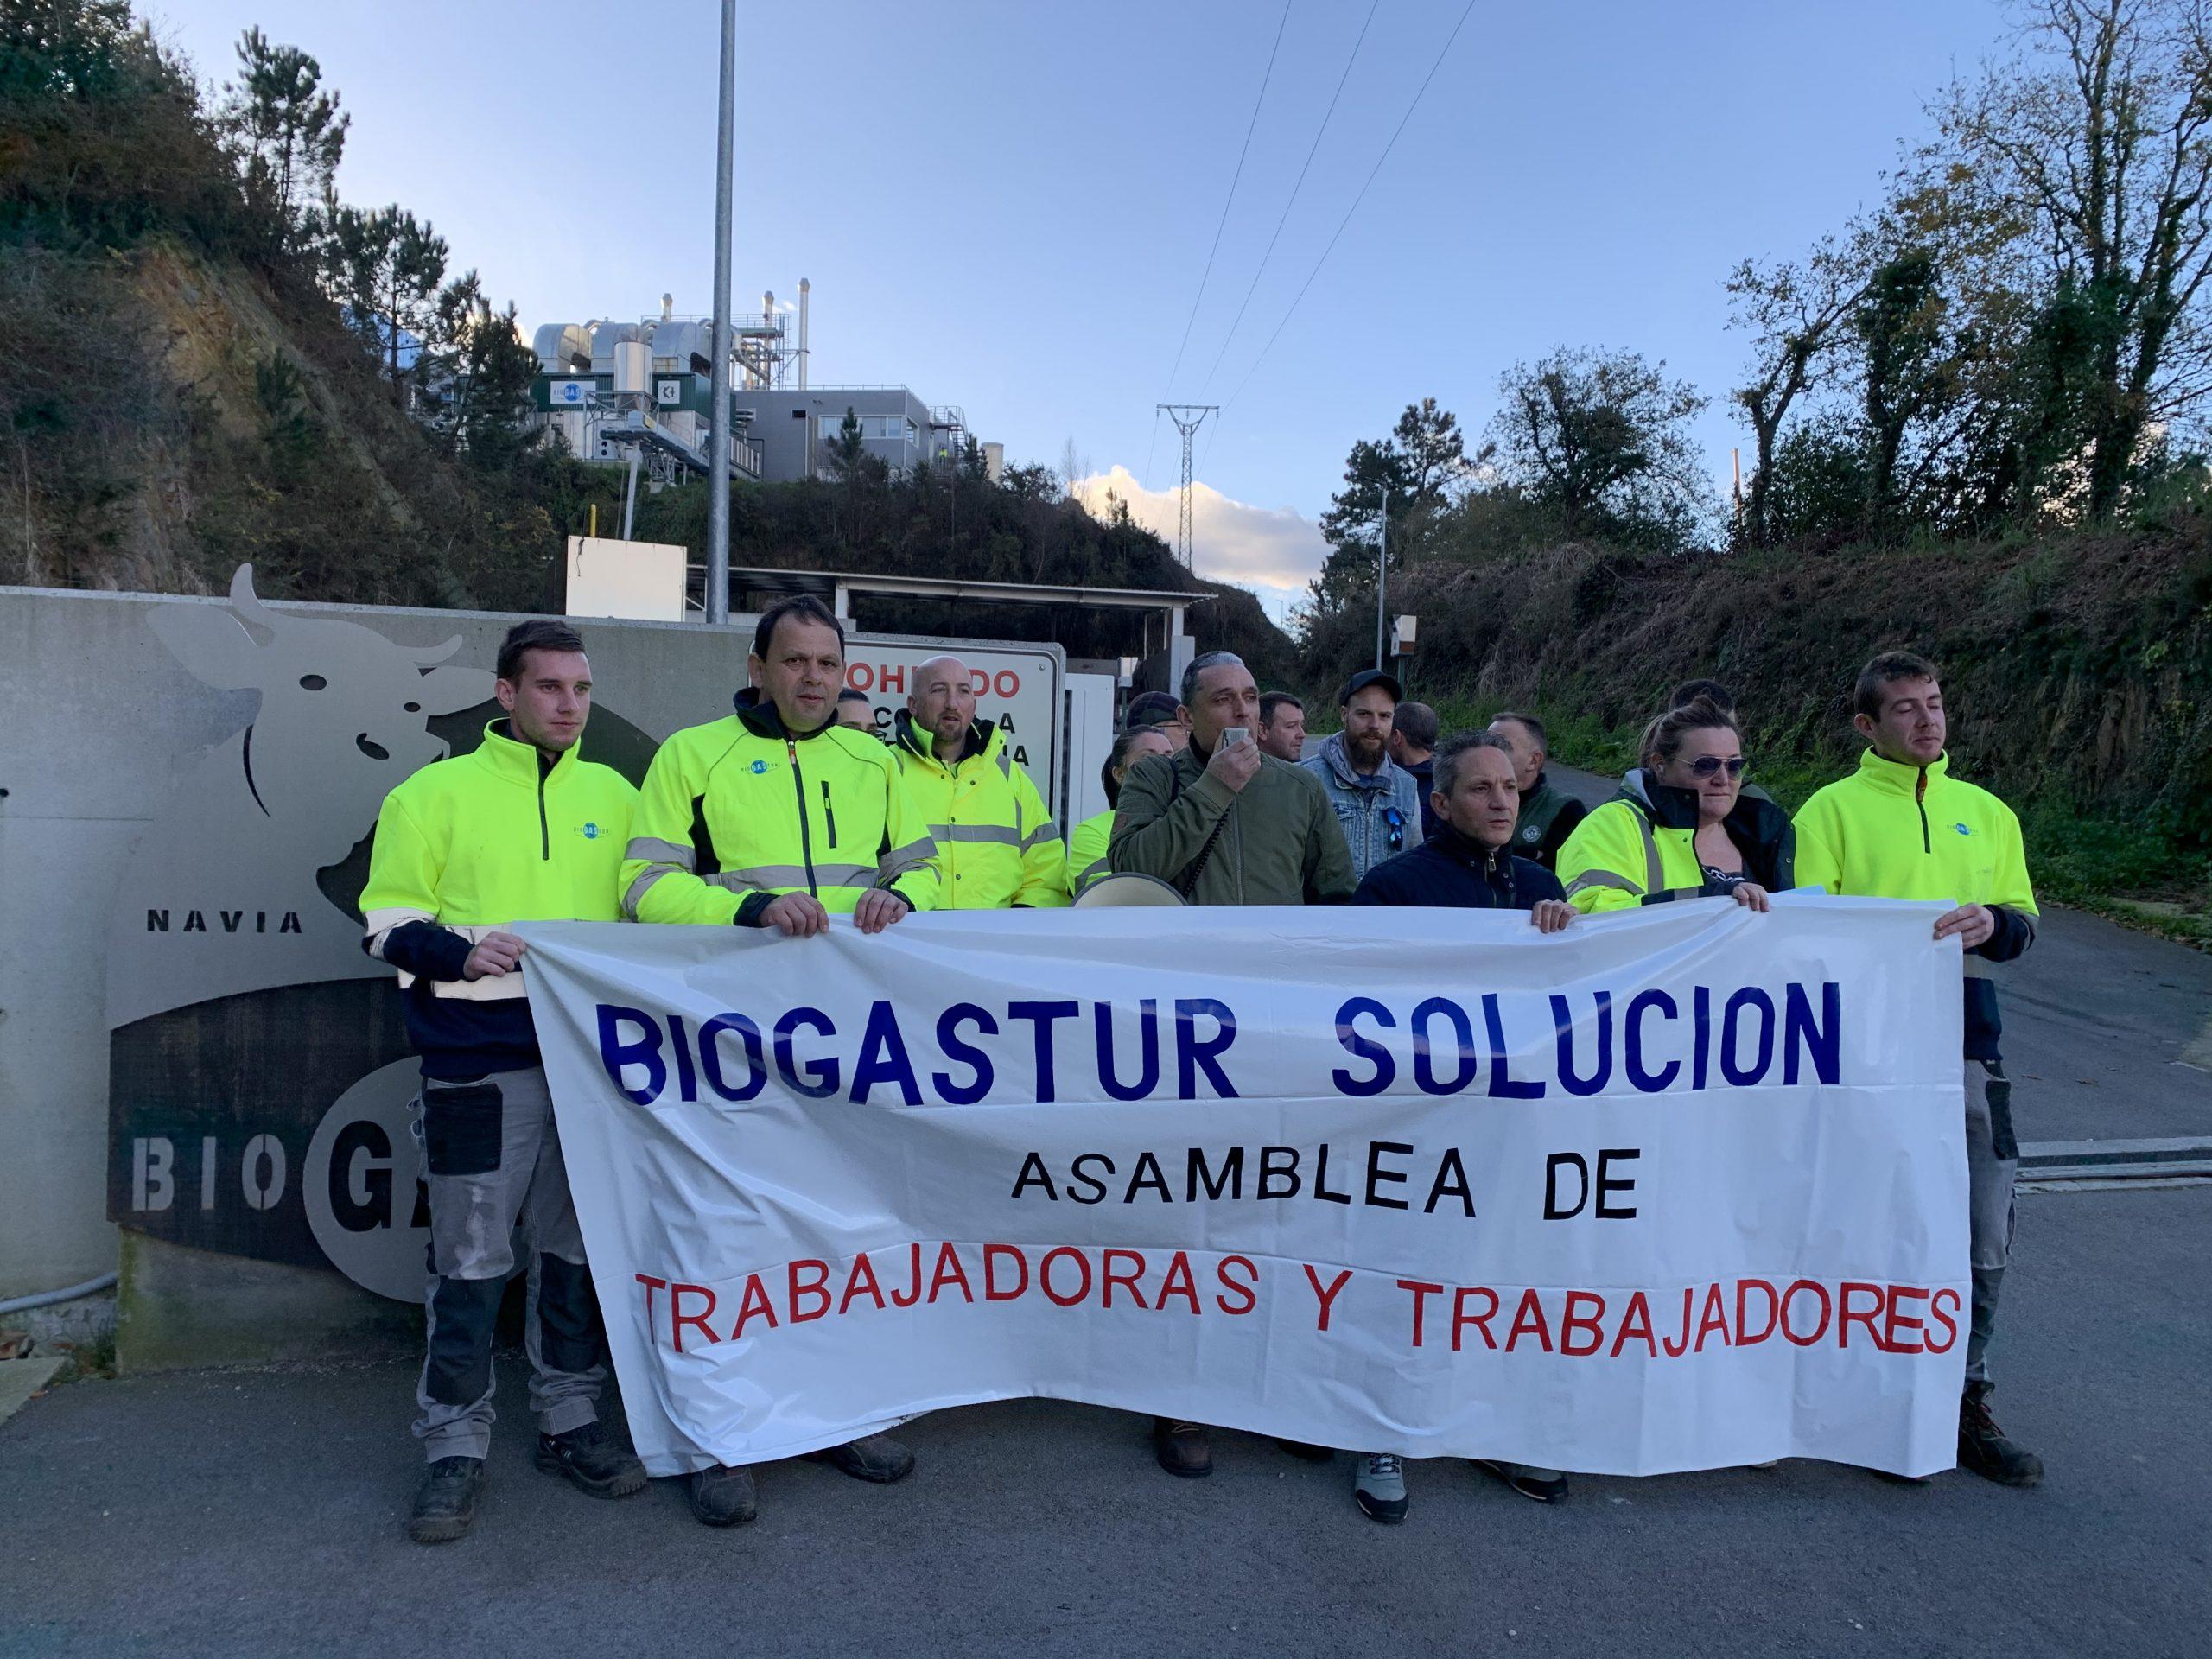 La asamblea de trabajadores/oras de Biogastur (Navia) pide una solución